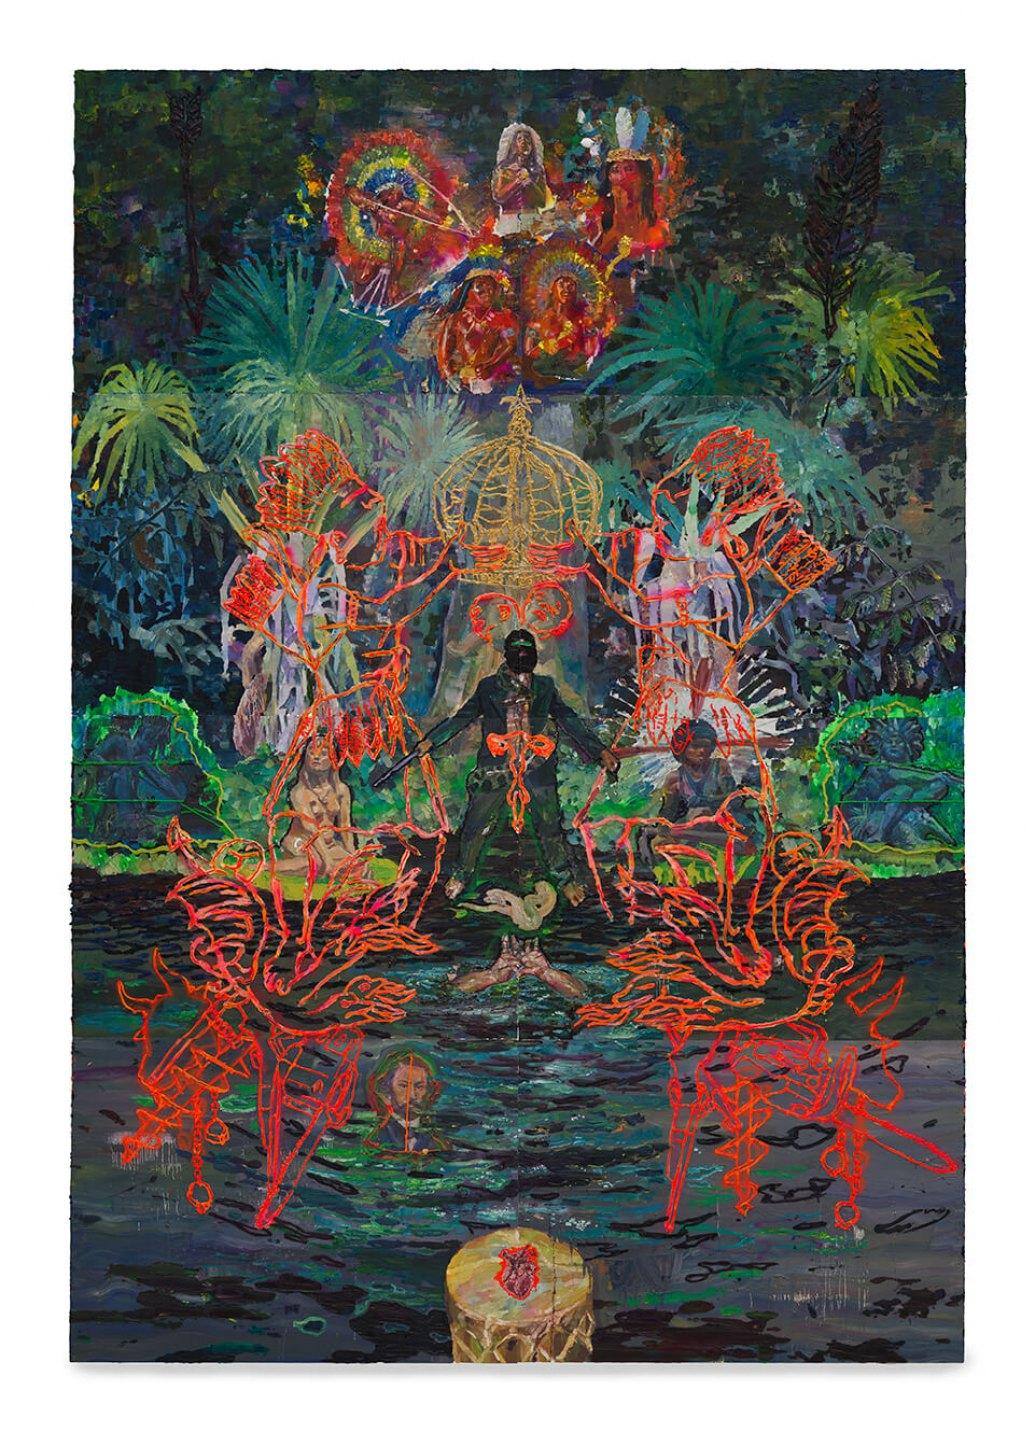 Thiago Martins de Melo,<em>The Coronation of the Mixed-Race Rebis,</em> 2013, oil on canvas, 520 × 360 cm - Mendes Wood DM